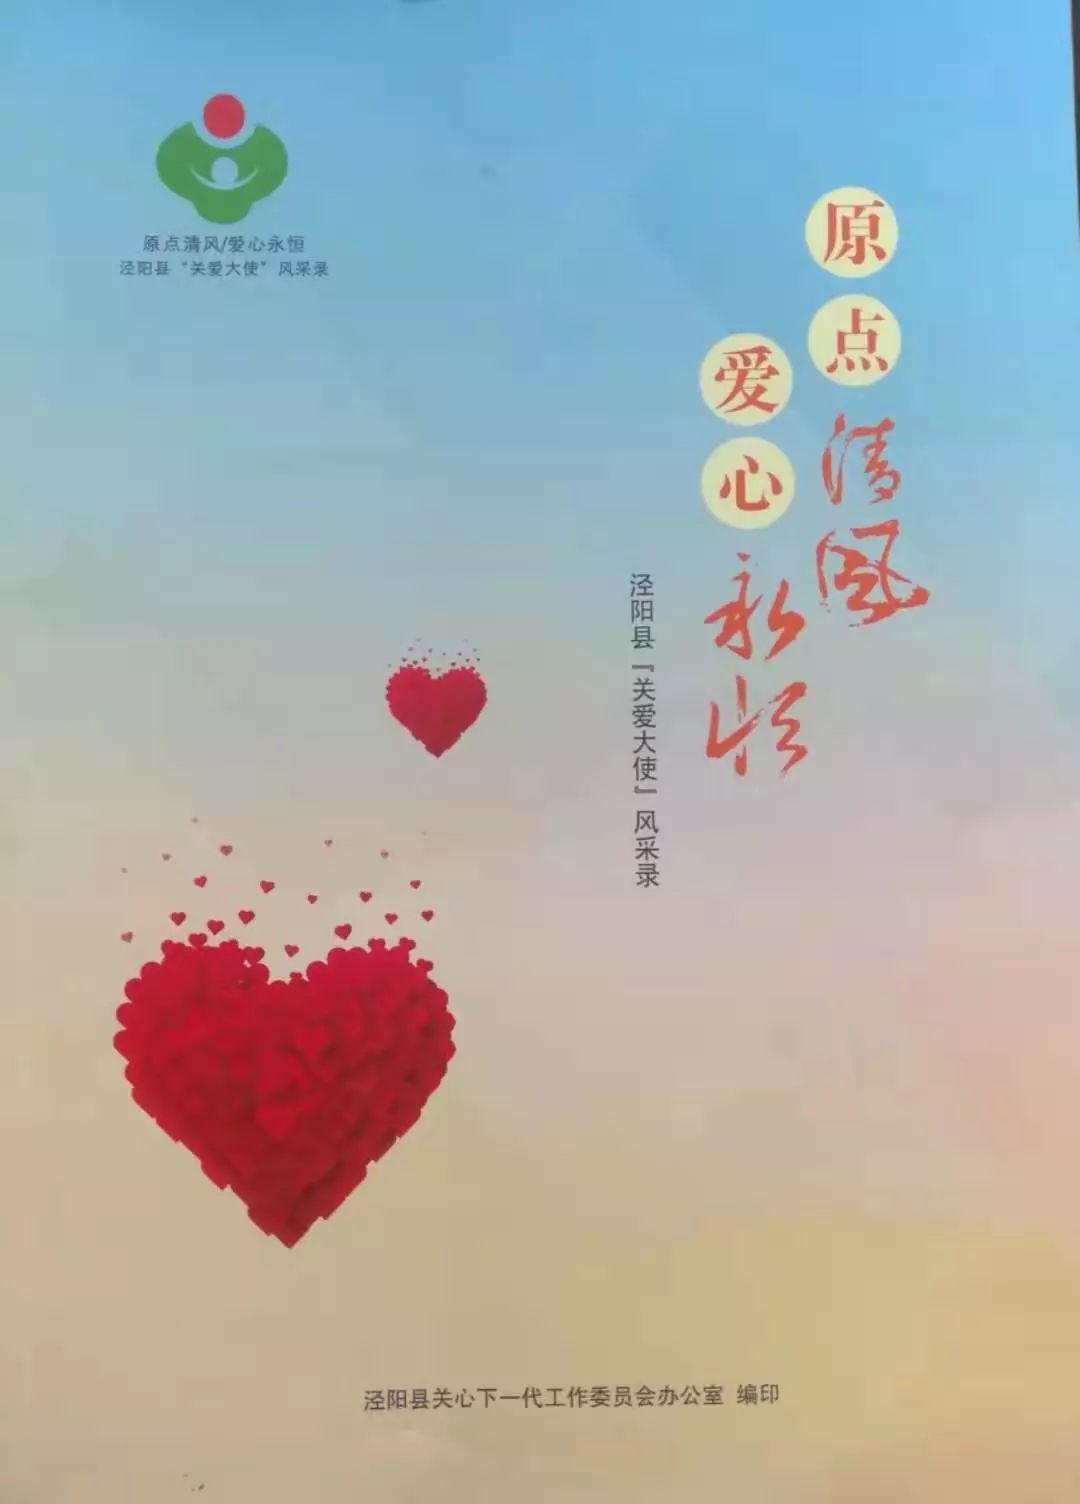 《泾水流云》出版发行   泾阳文坛再添一部厚重之作!